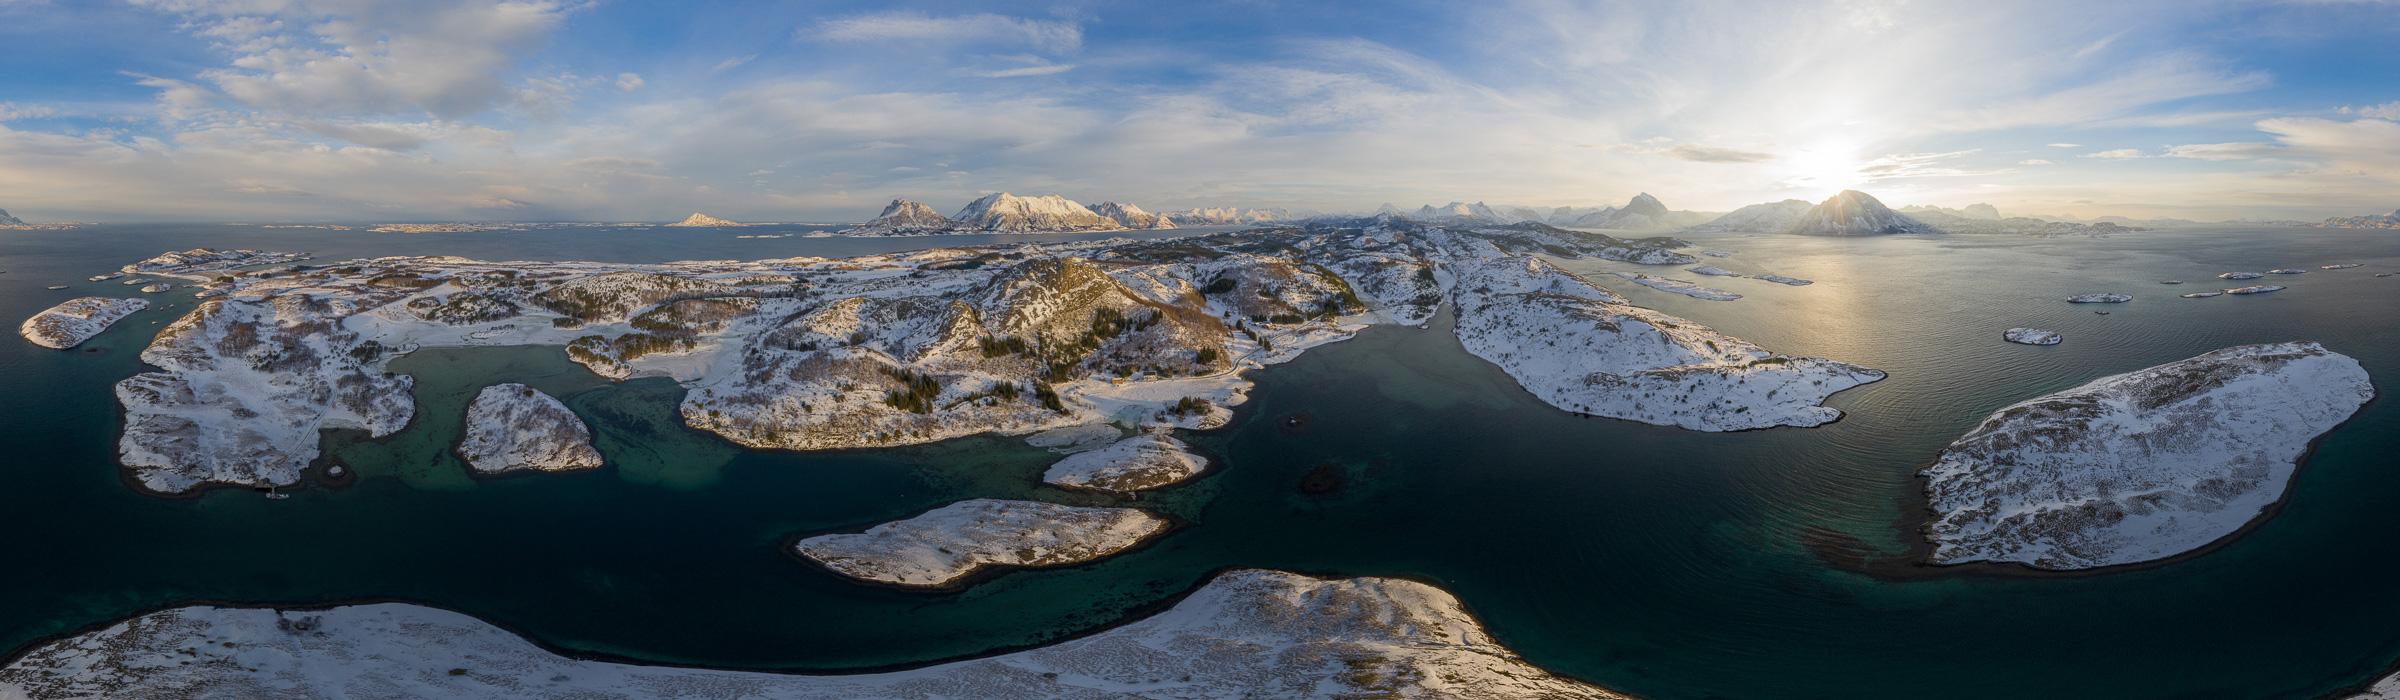 Drohnenpanorama - Tjongsfjord in Norwegen